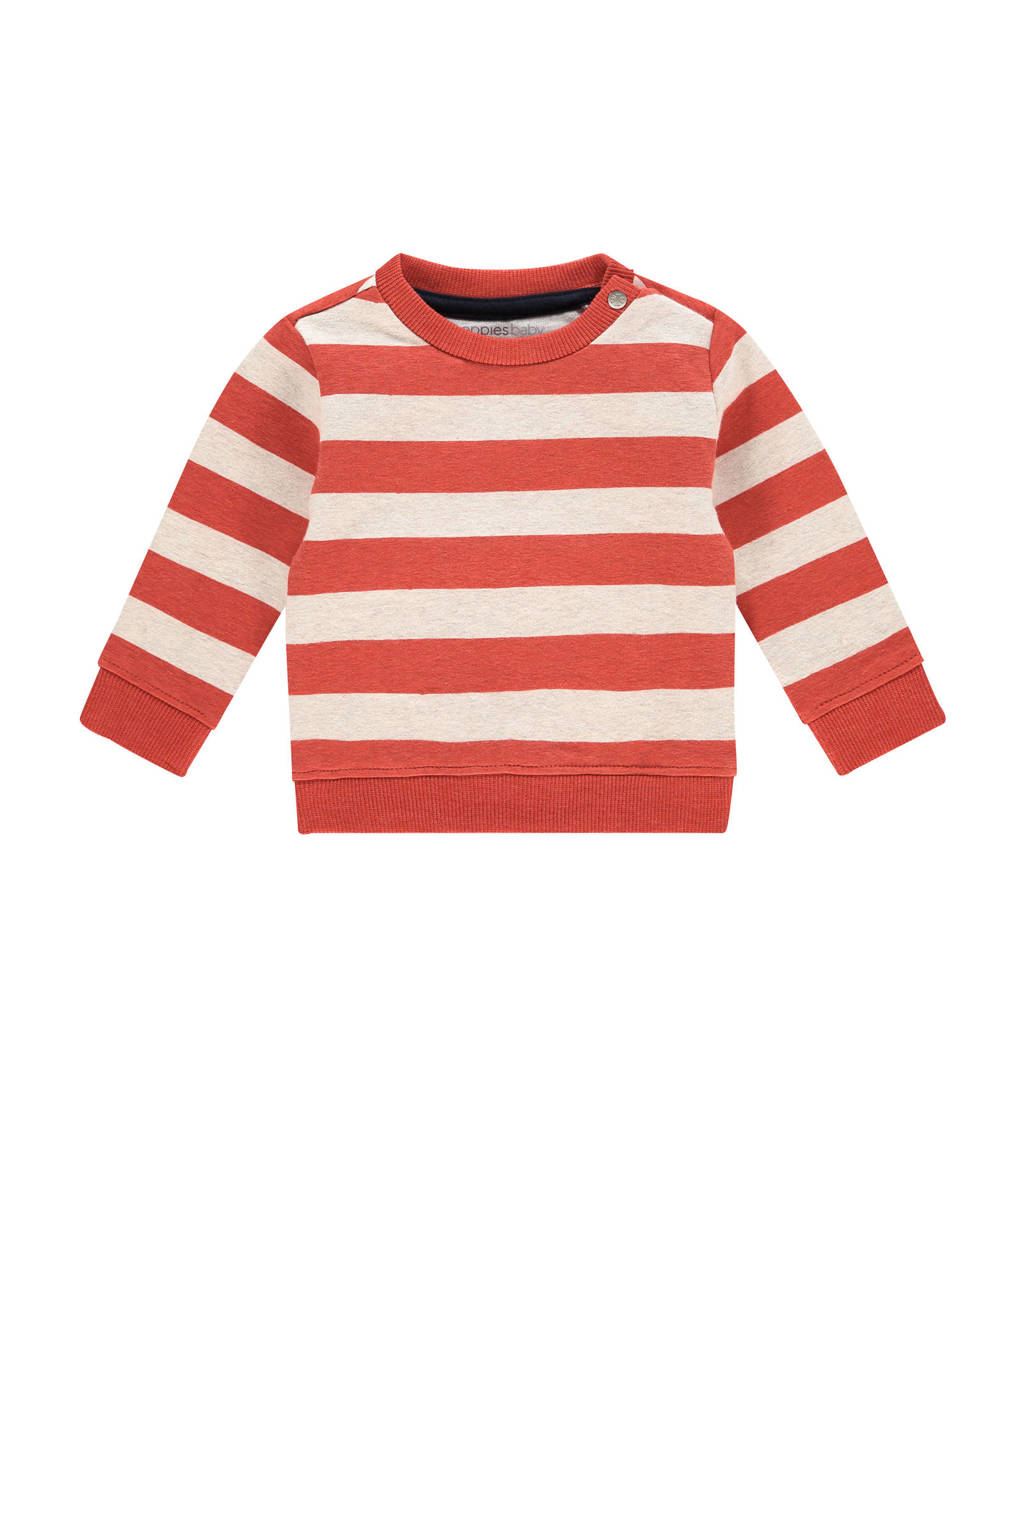 Noppies baby gestreepte sweater Archdale rood/ecru, Rood/ecru